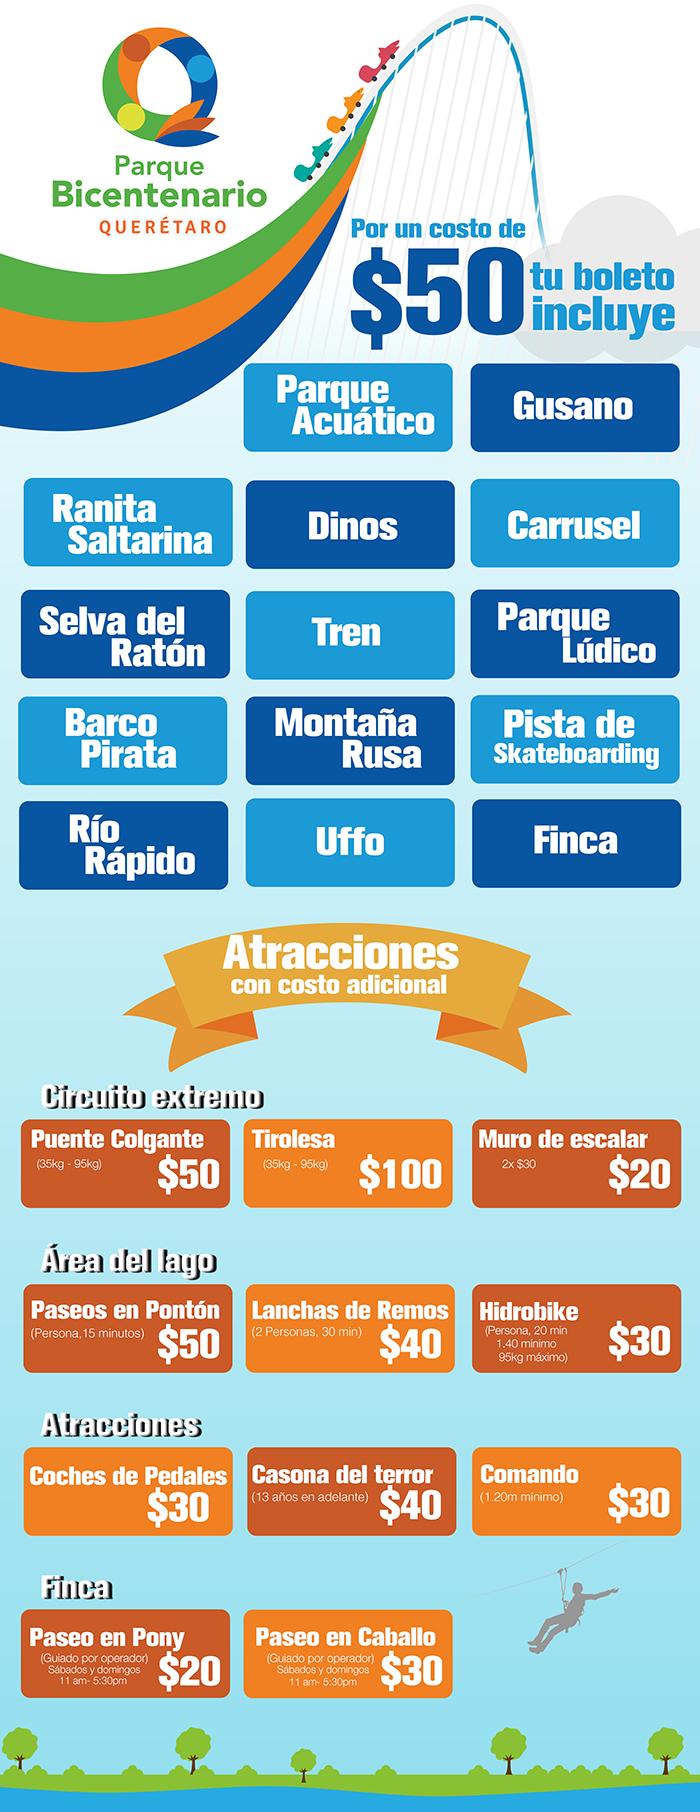 Parque Bicentenario - Costos 2018